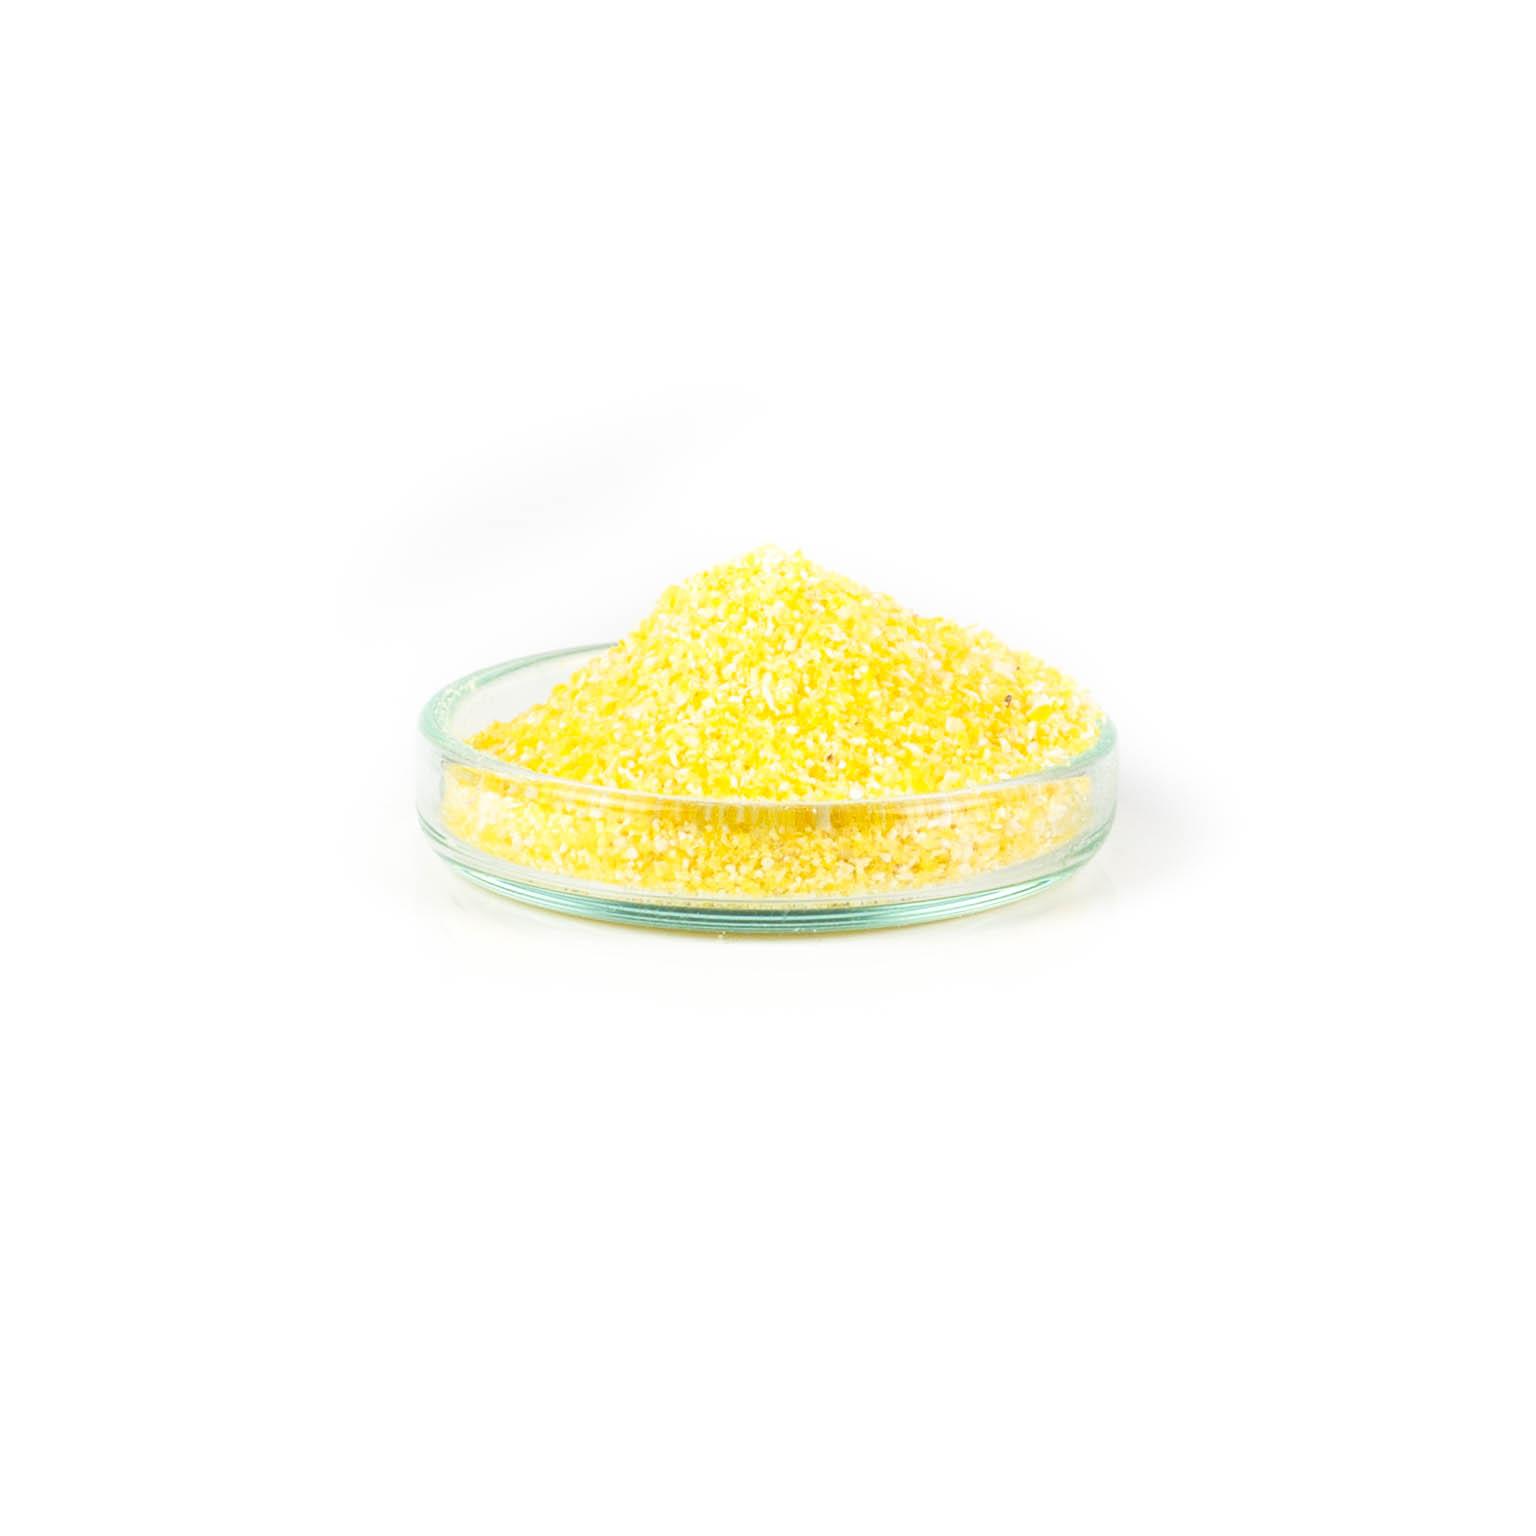 Objemové přísady 500g - Kukuřičná krupice